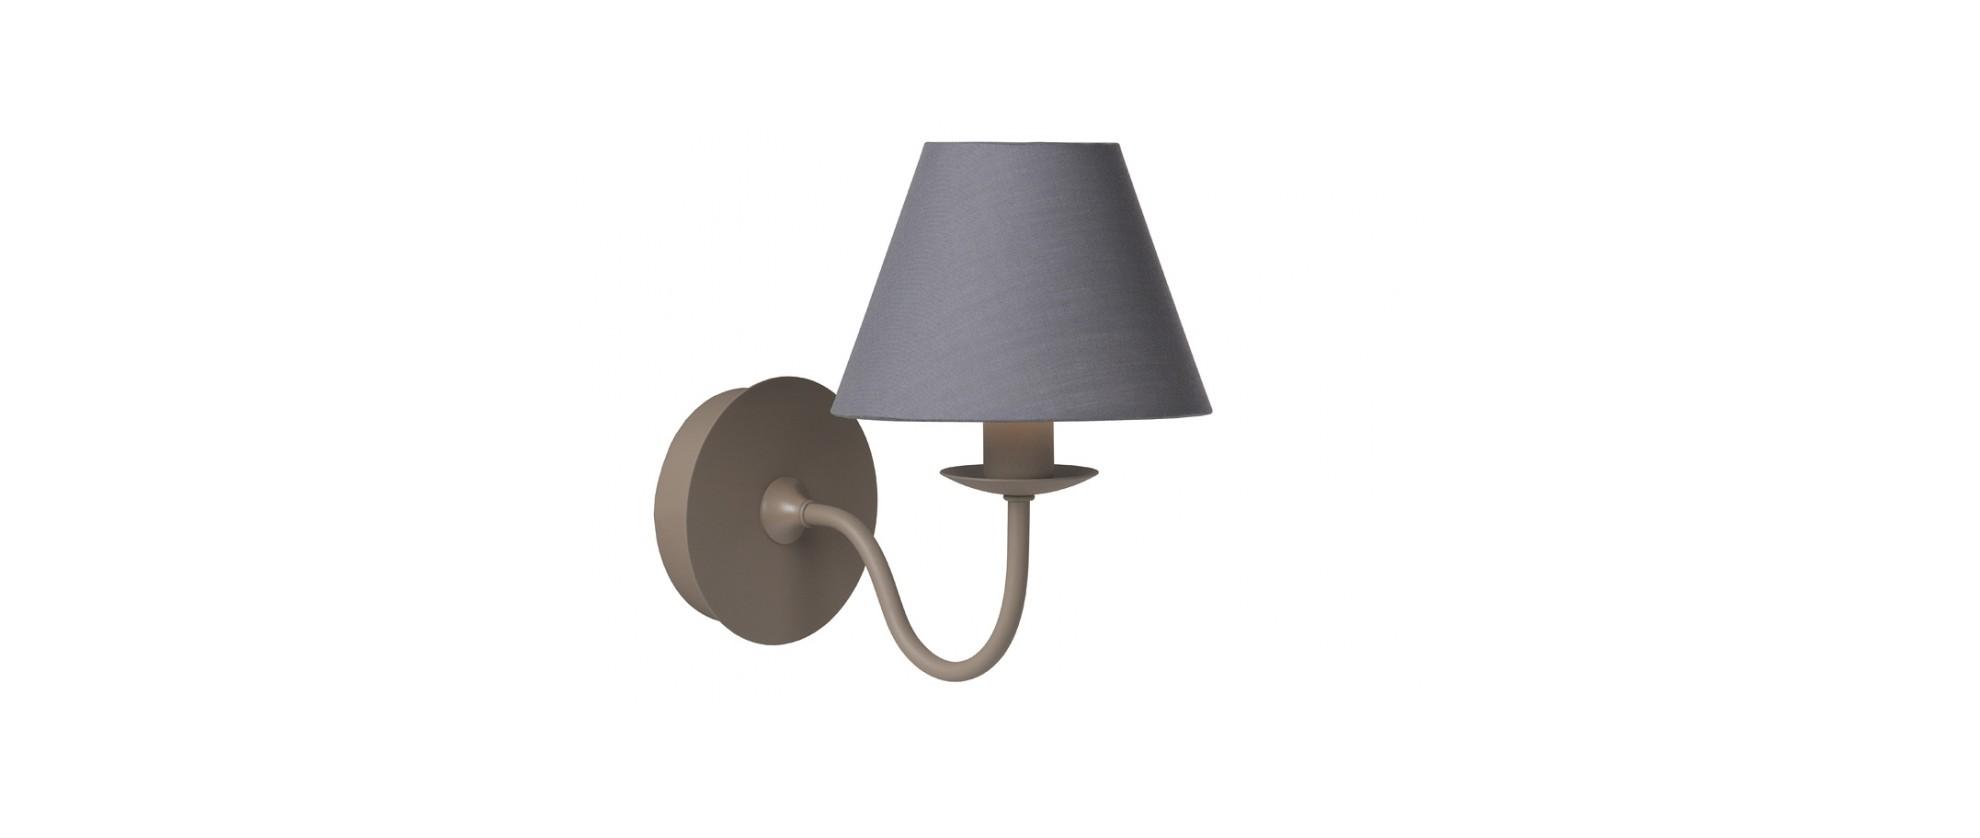 Настенный светильник CAMPAGNEБра<br>основание: металл<br>абажур: ткань/серая<br>ширина: 14 см<br>высота: 21 см<br>E14, 40W<br><br>Material: Металл<br>Width см: 14<br>Height см: 21